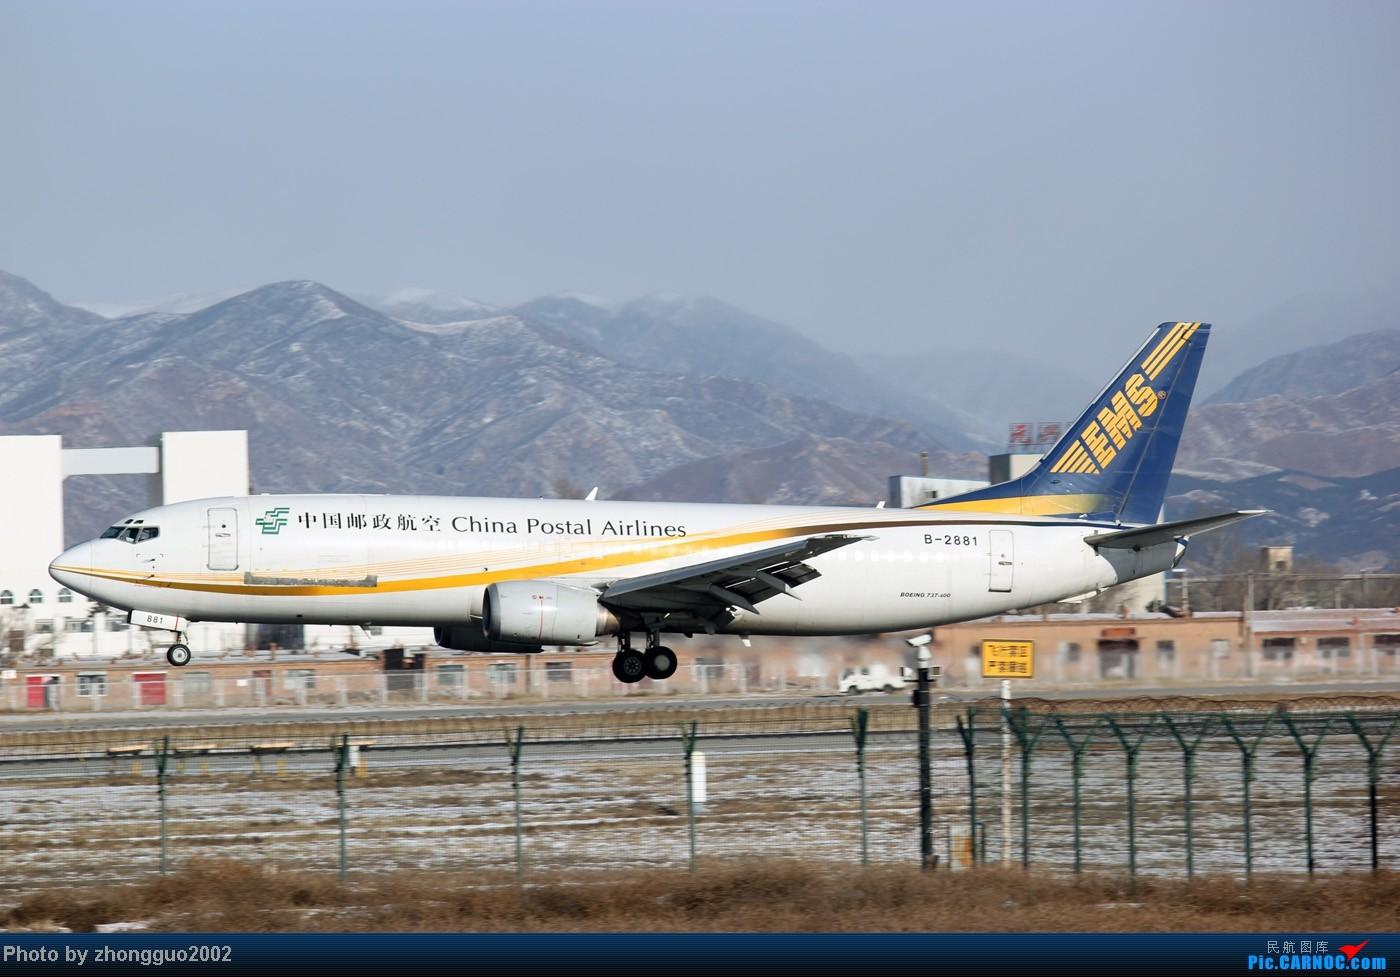 Re:[原创]灰鼻子的春哥第一次拍到,还有其他灰机。 BOEING 737-400 B-2881 中国呼和浩特白塔国际机场